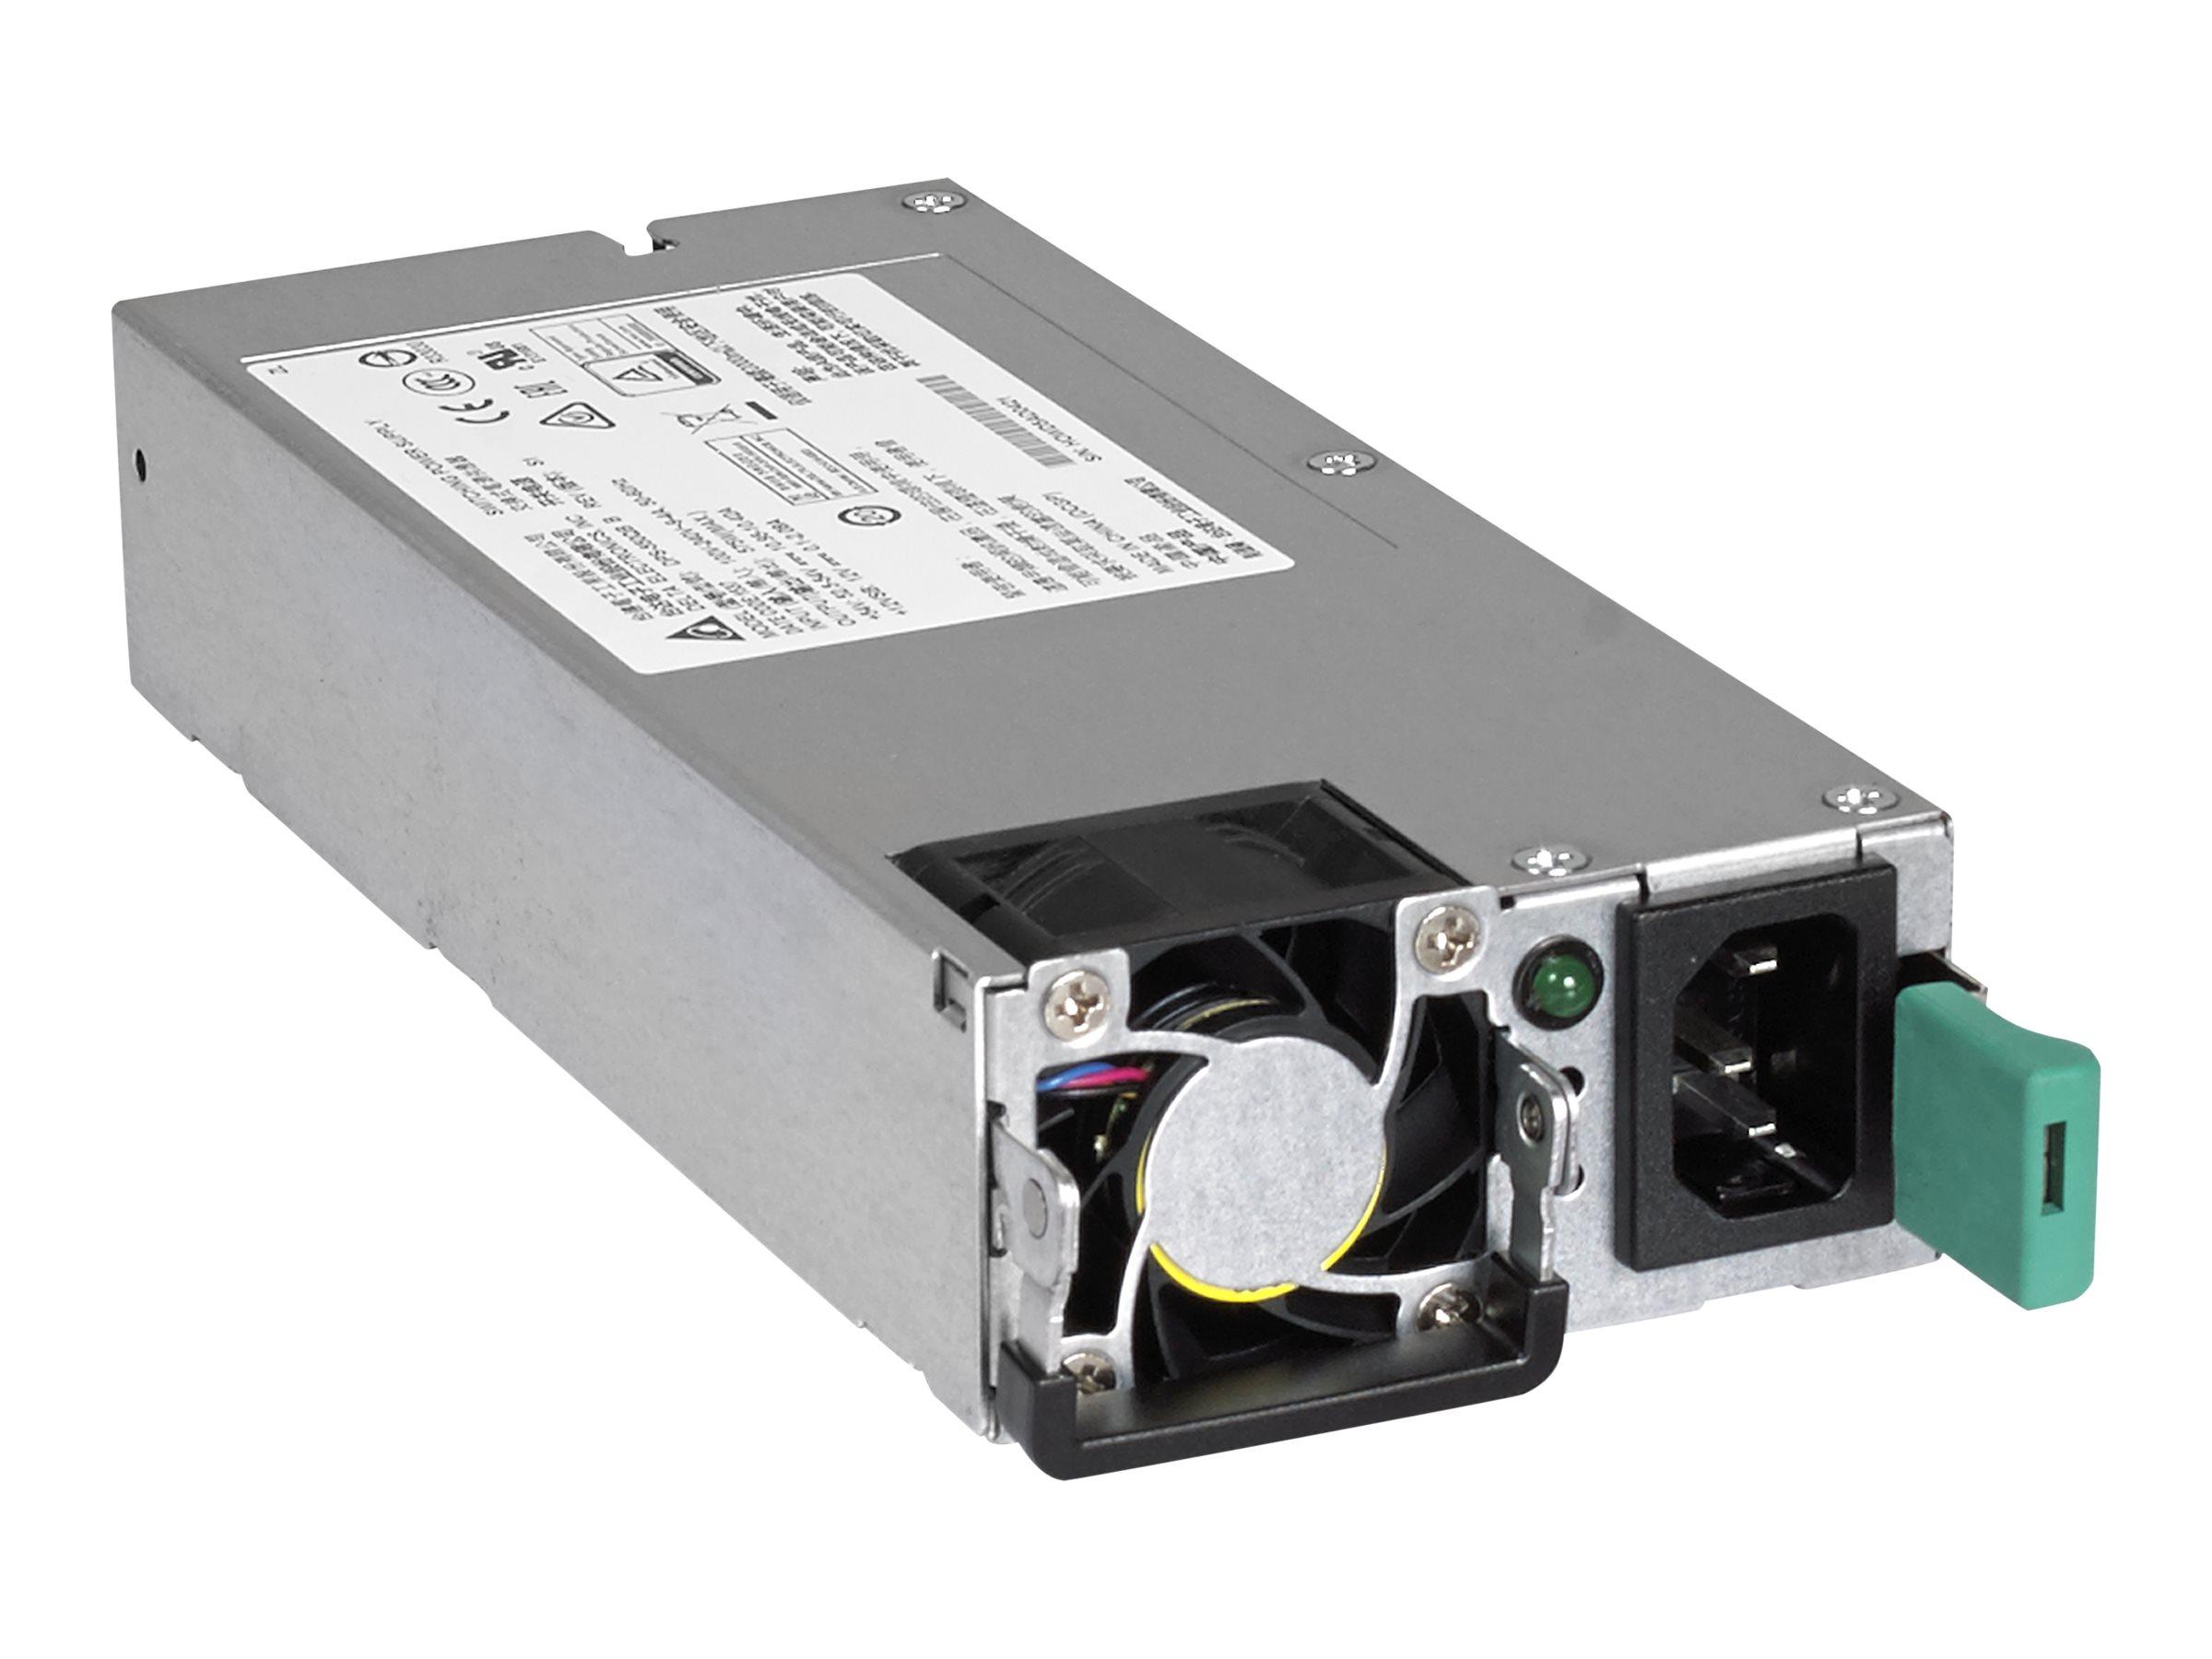 NETGEAR APS550W - Redundante Stromversorgung (intern) - Wechselstrom 110-240 V - 550 Watt - Europa, Americas - für NETGEAR M4300